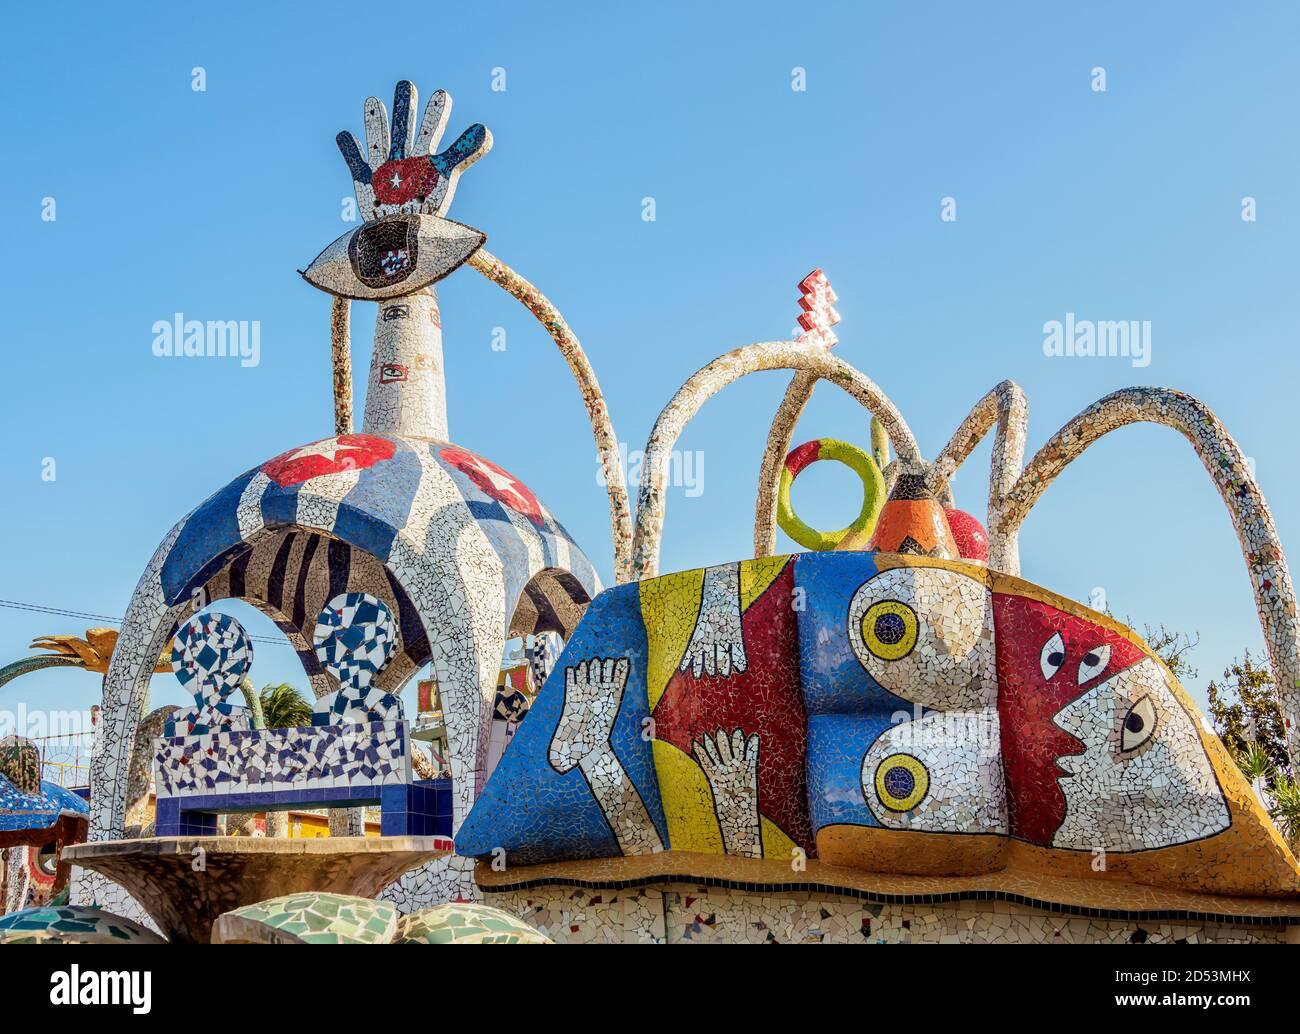 Casa de Fuster, vista detallada, Fusterlandia, Barrio Jaimanitas, Distrito Playa, la Habana, Provincia de la Habana, Cuba Foto de stock